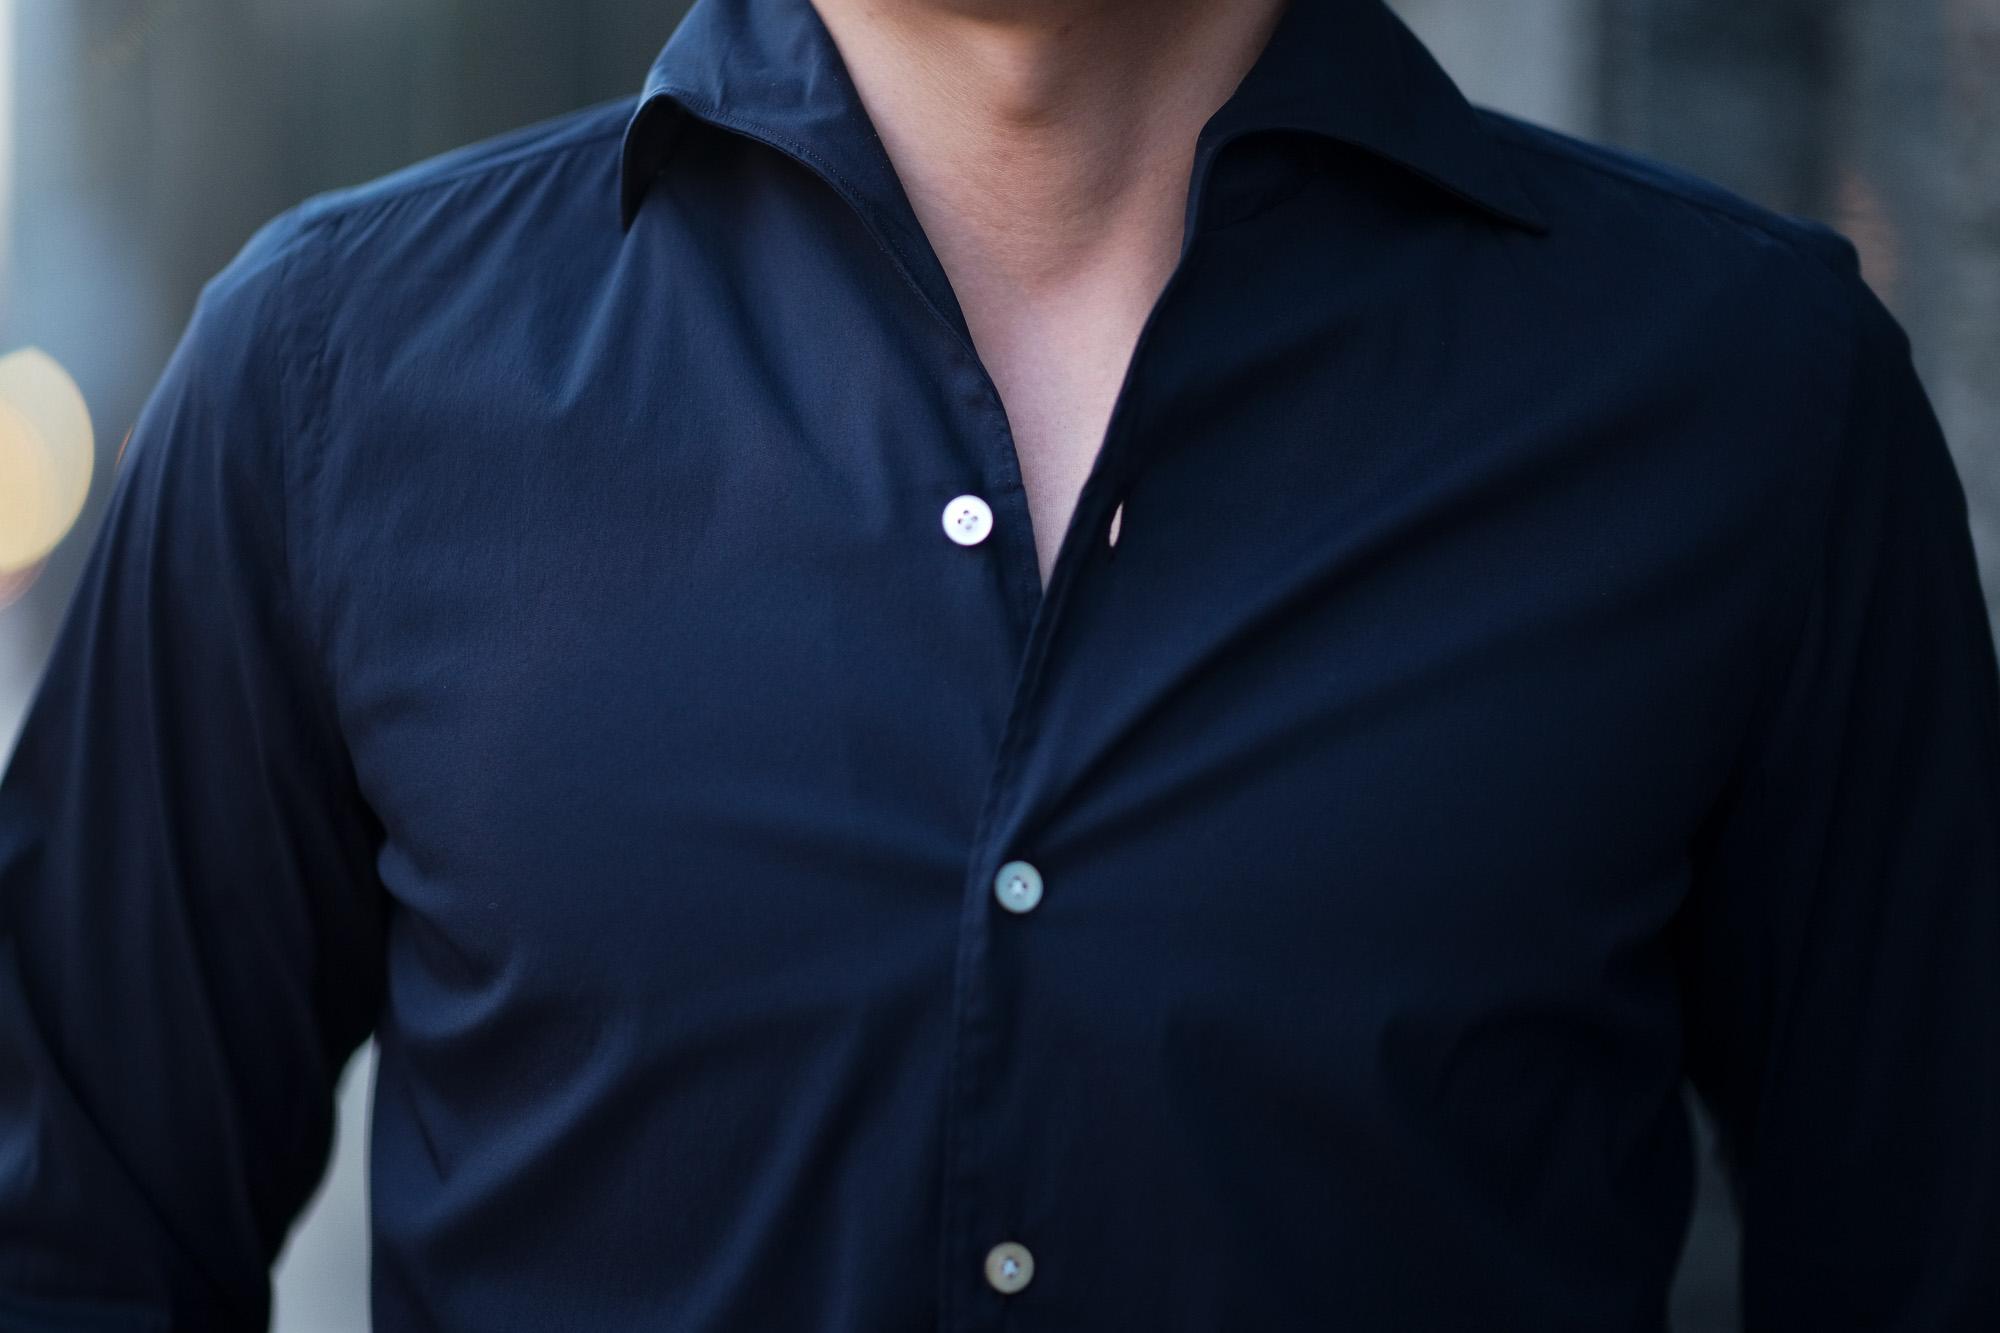 Finamore (フィナモレ) SEUL ITALIAN COLOR STRETCH COTTON SHIRTS ストレッチコットン ワンピースカラー シャツ NAVY (ネイビー) made in italy (イタリア製) 2020 春夏新作 愛知 名古屋 altoediritto アルトエデリット シャツ